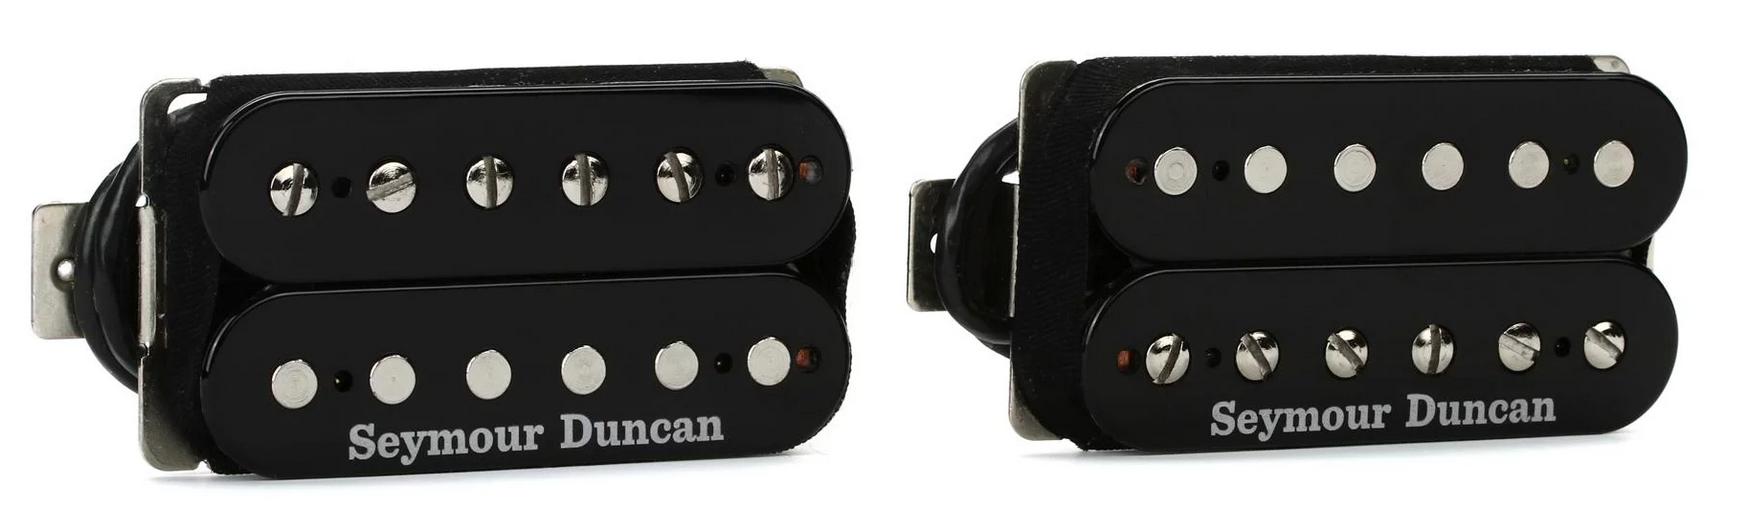 Seymour Duncan Hot Rodded Humbucker Pickup Set, Black